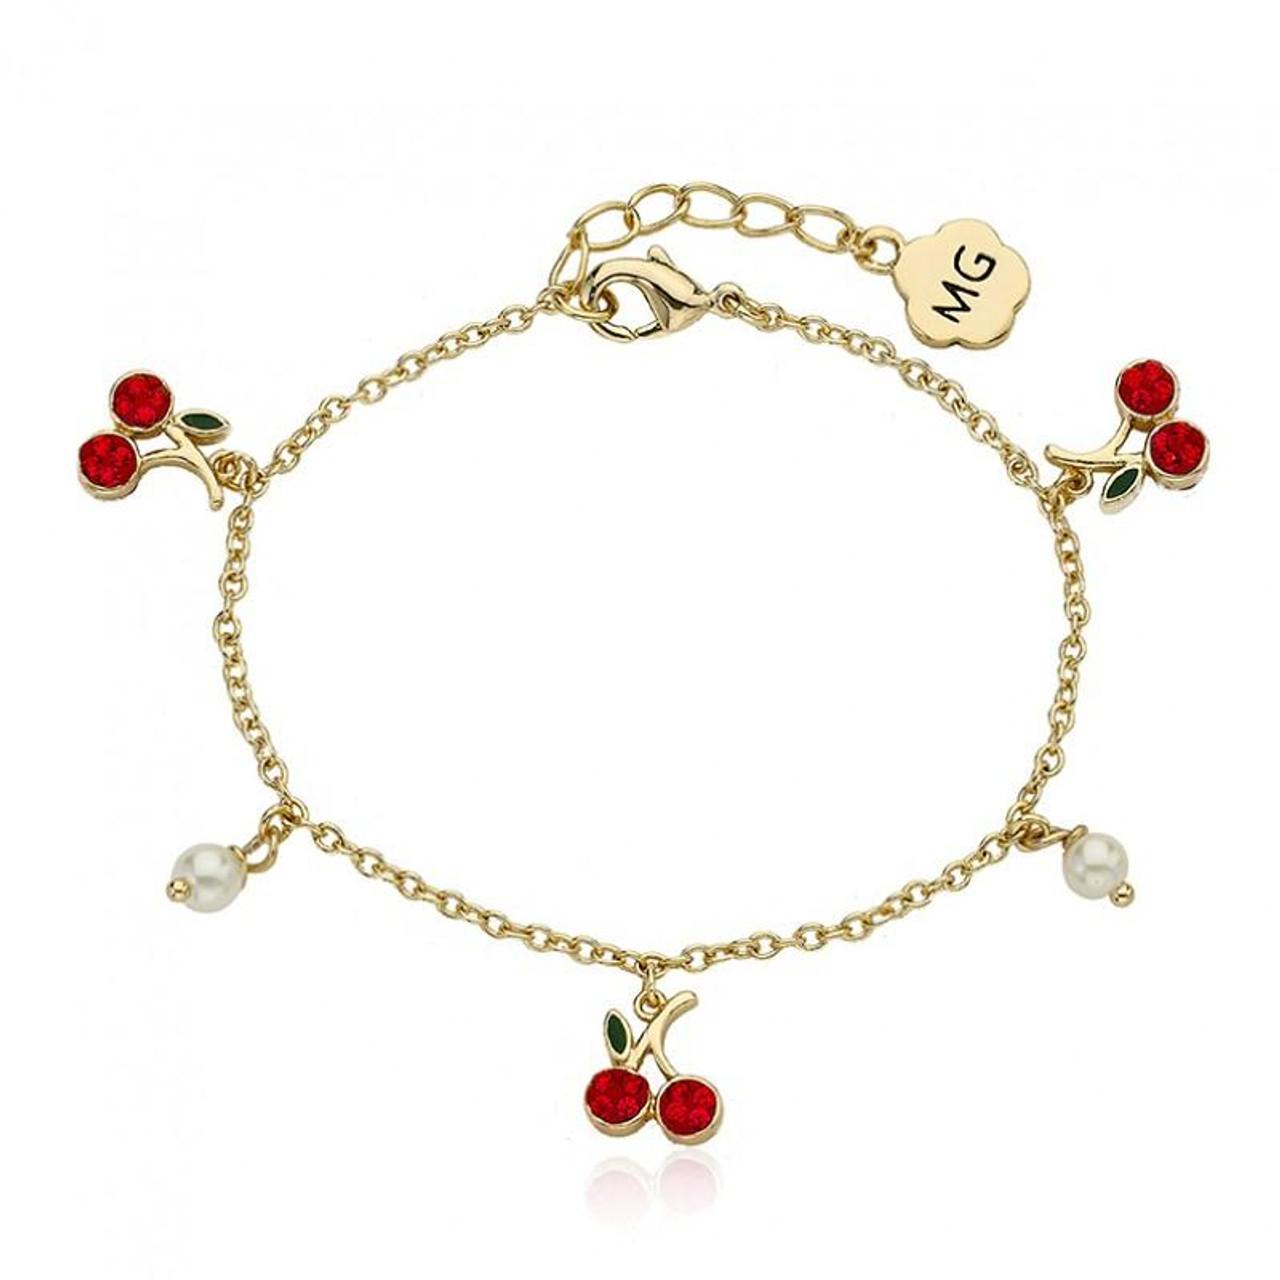 Molly Glitz Girls Cherry Delight Bracelet